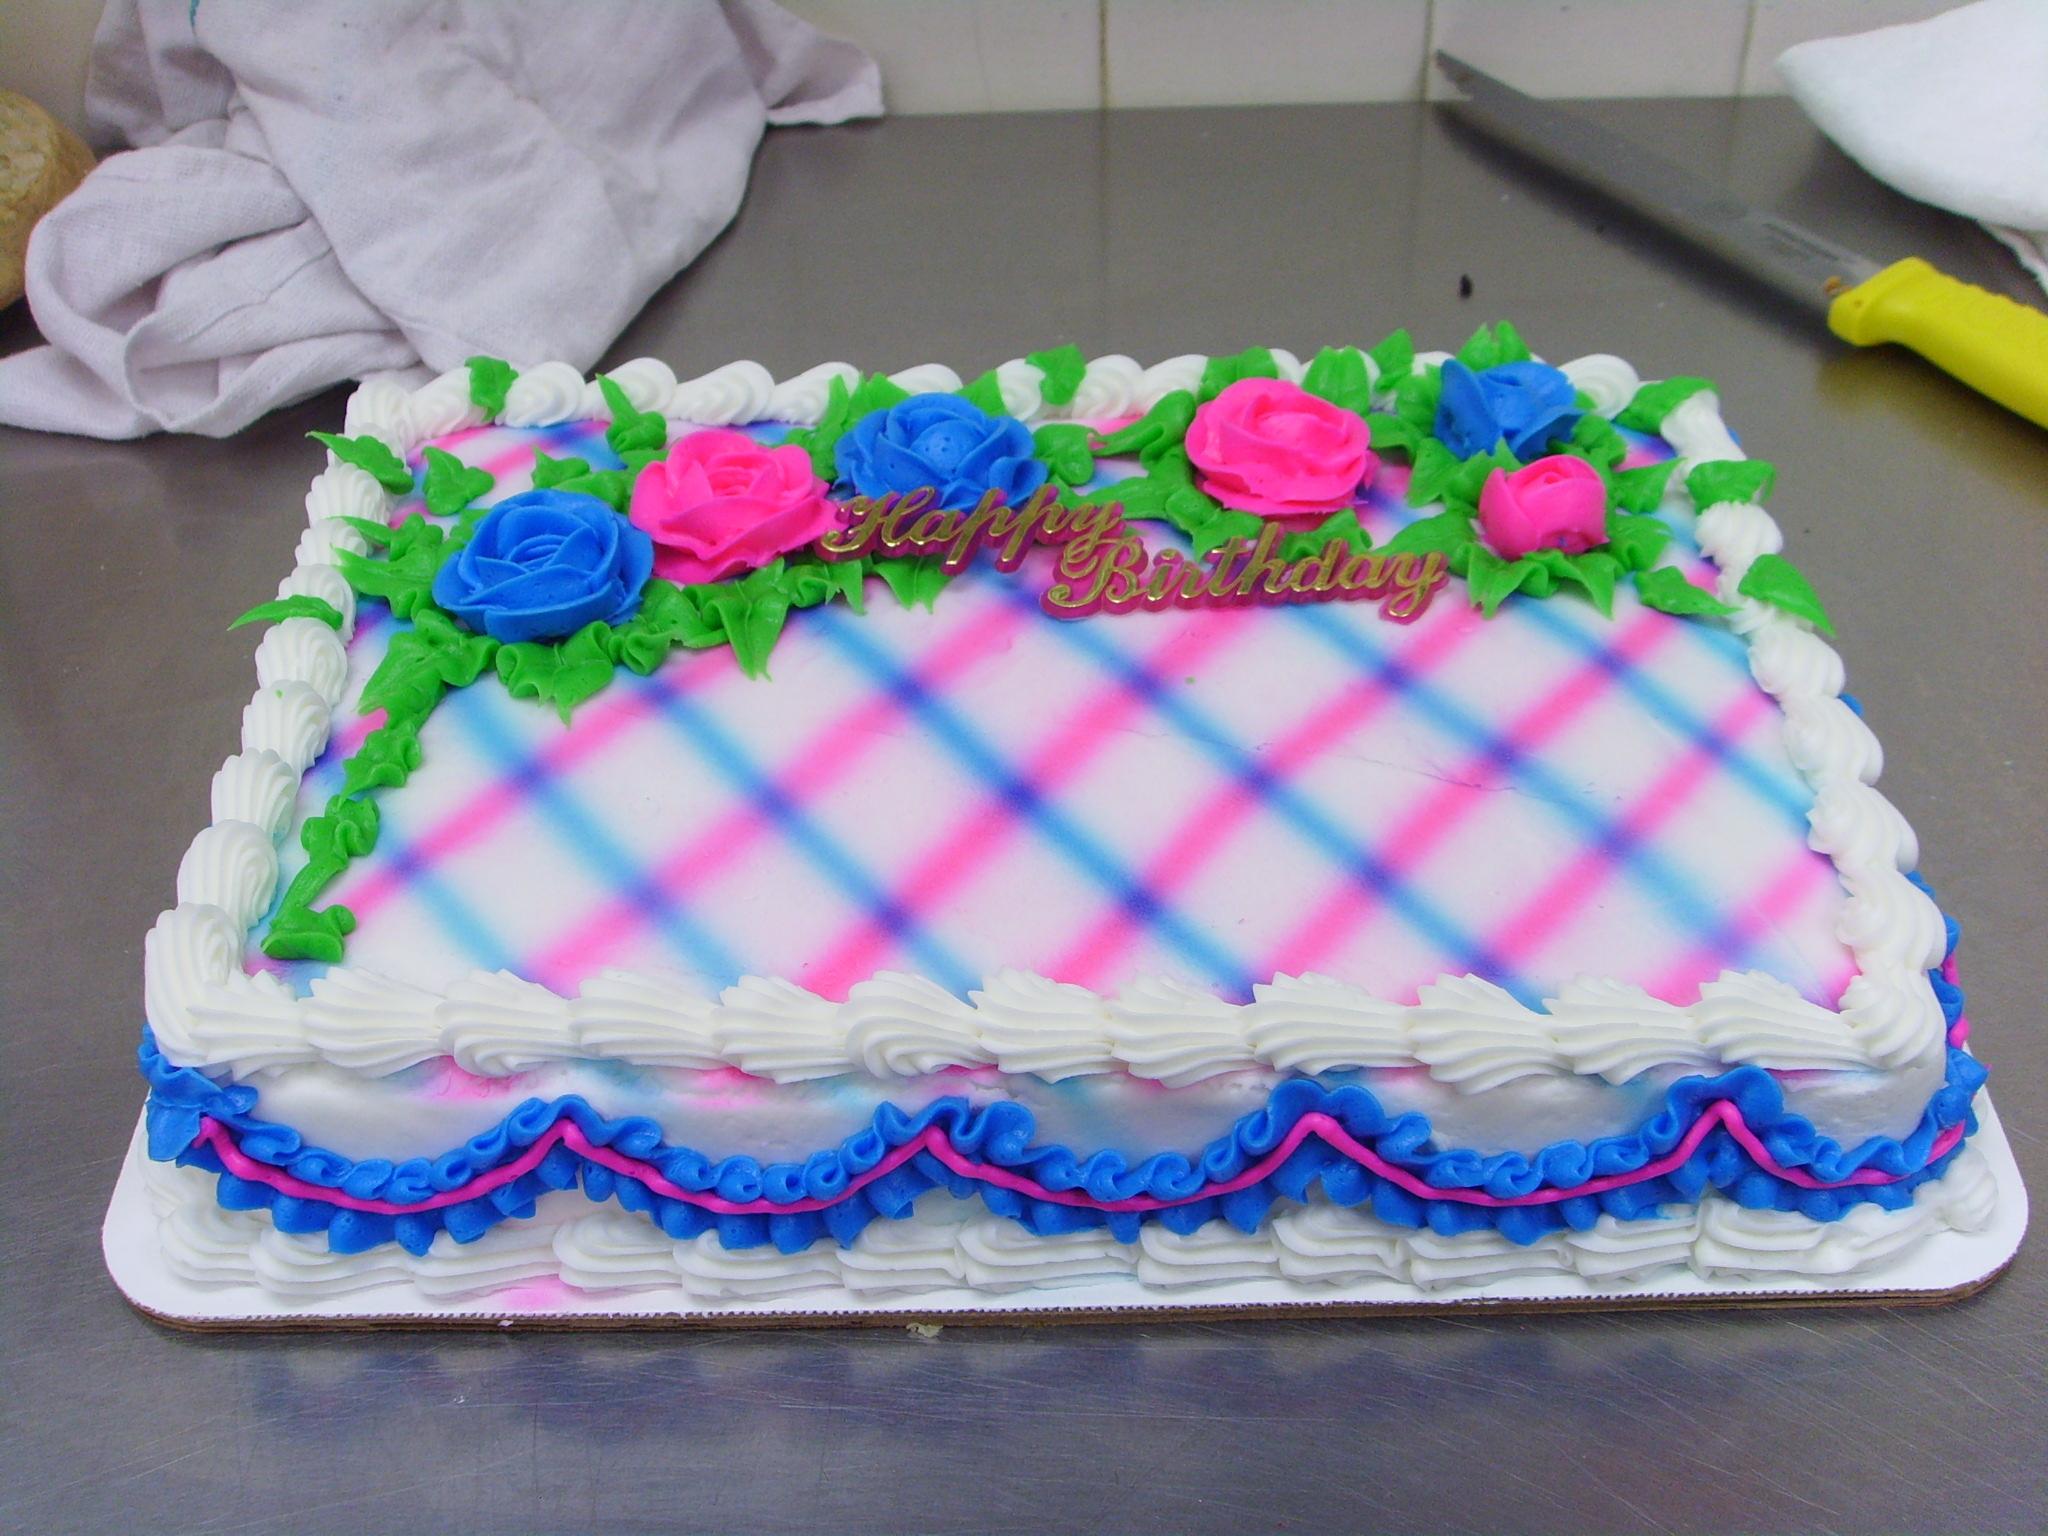 Quarter Sheet Cake